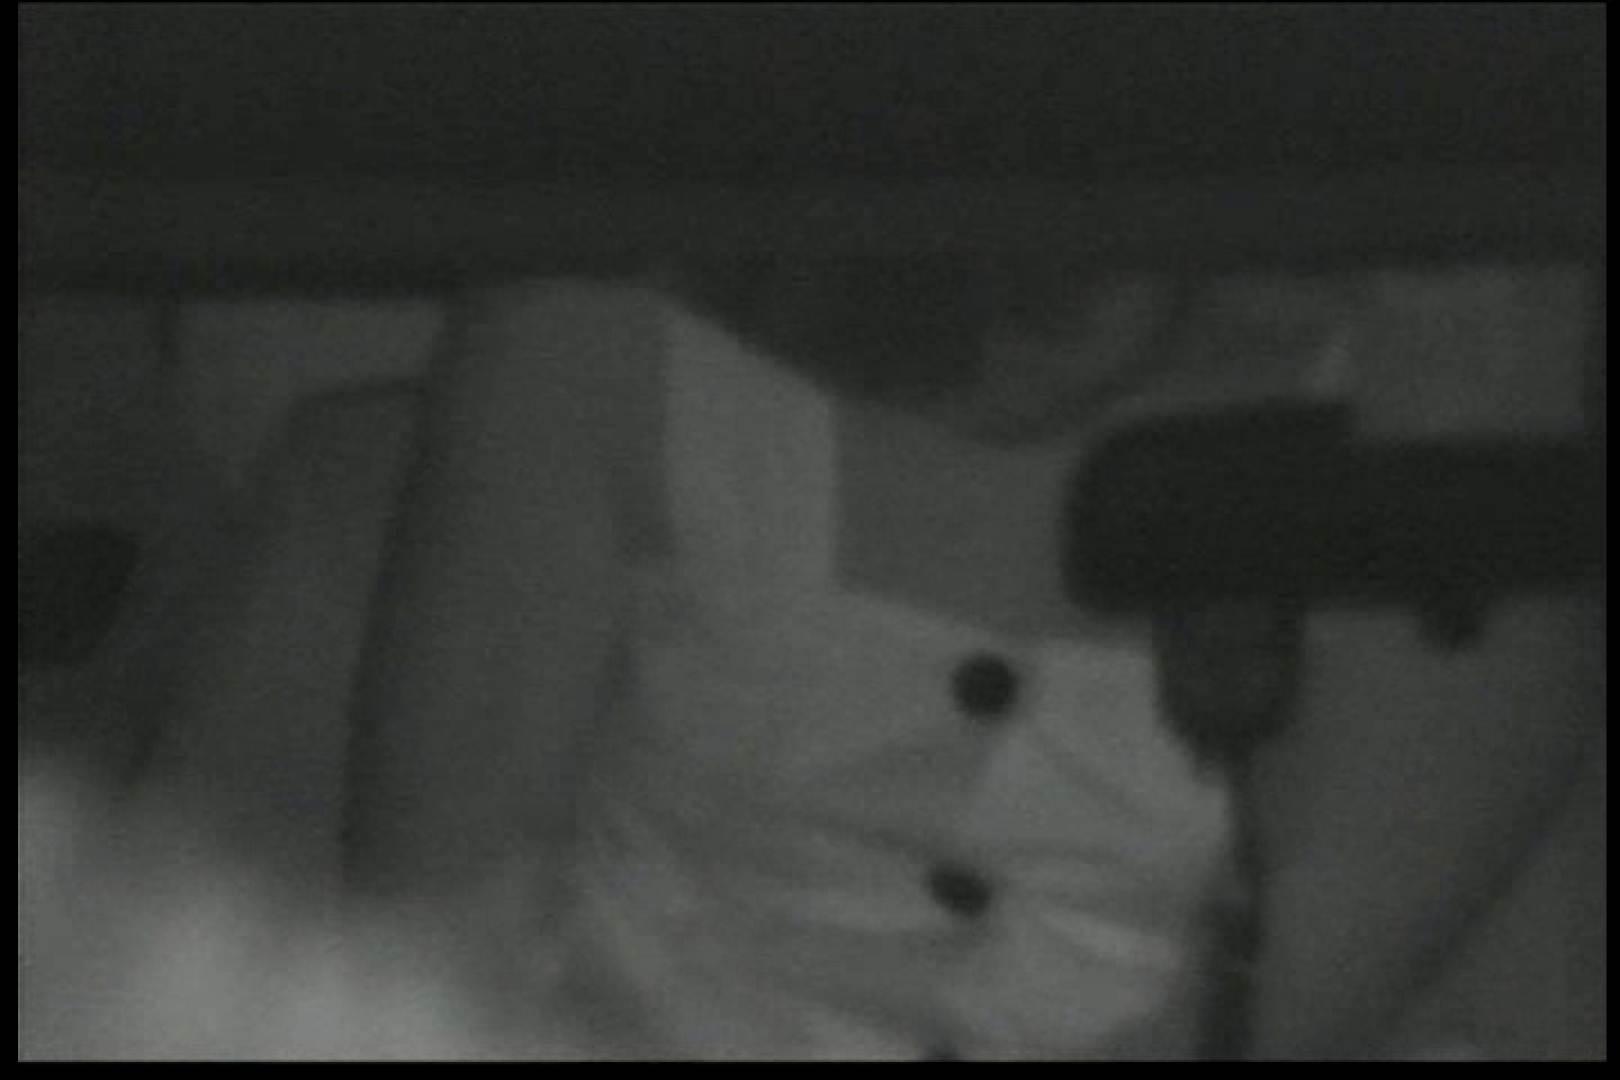 車の中はラブホテル 無修正版  Vol.12 赤外線 ぱこり動画紹介 87pic 78